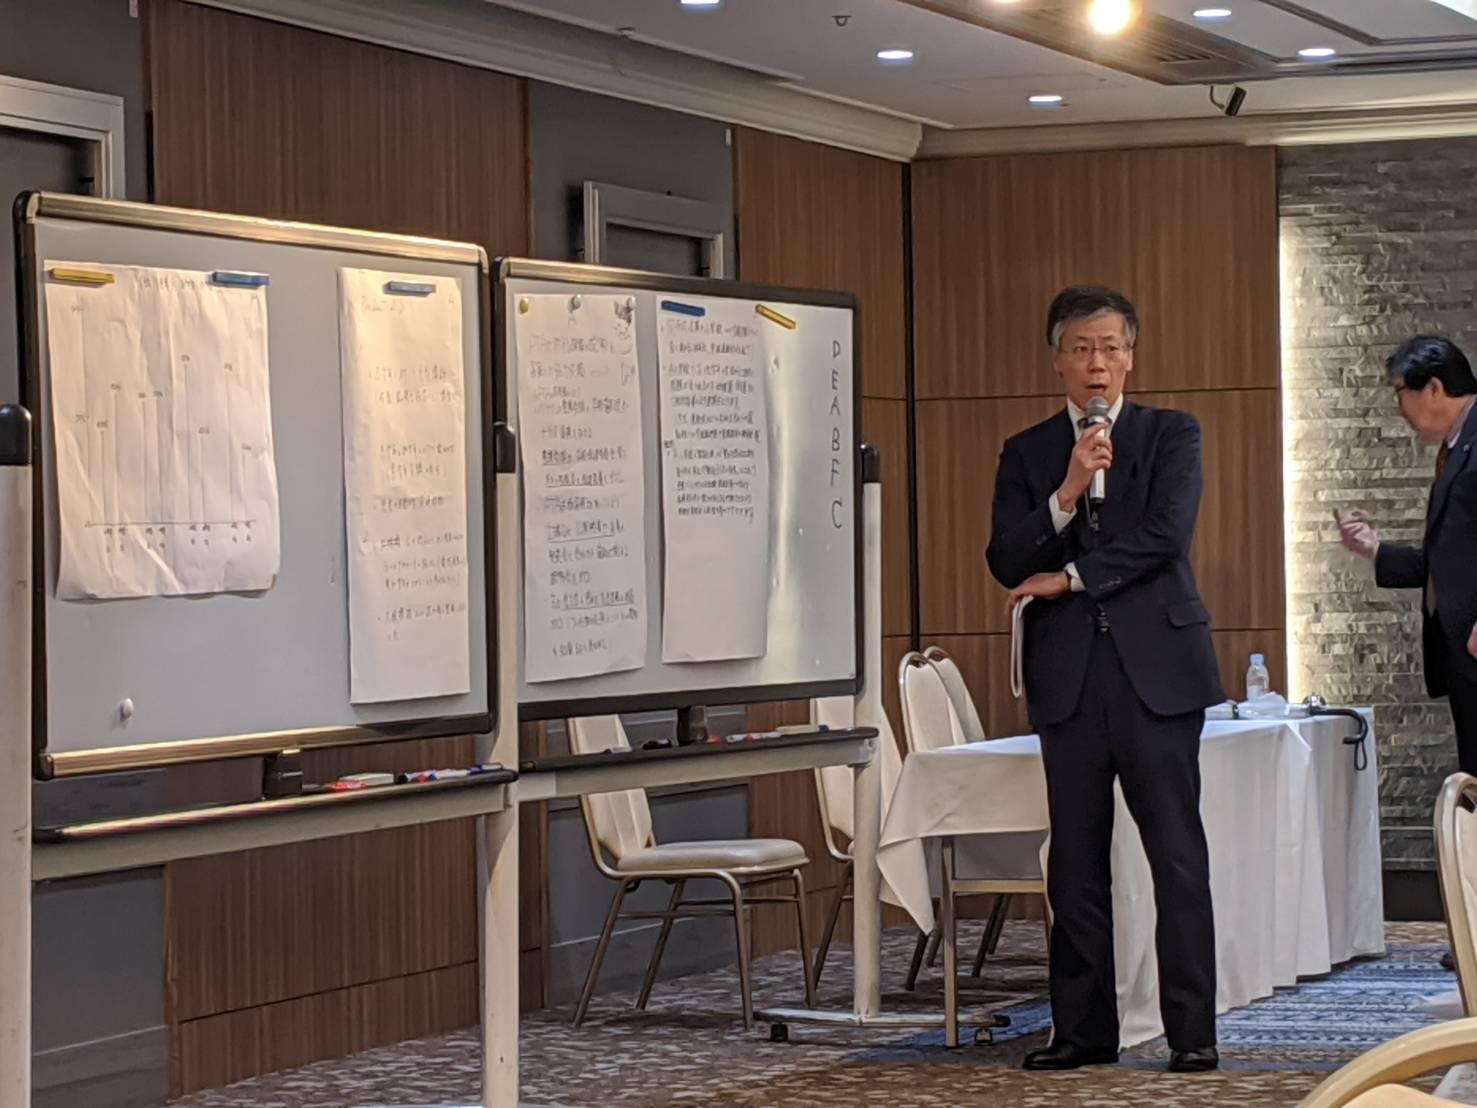 2019.11.24 日学歯 専門研修発表